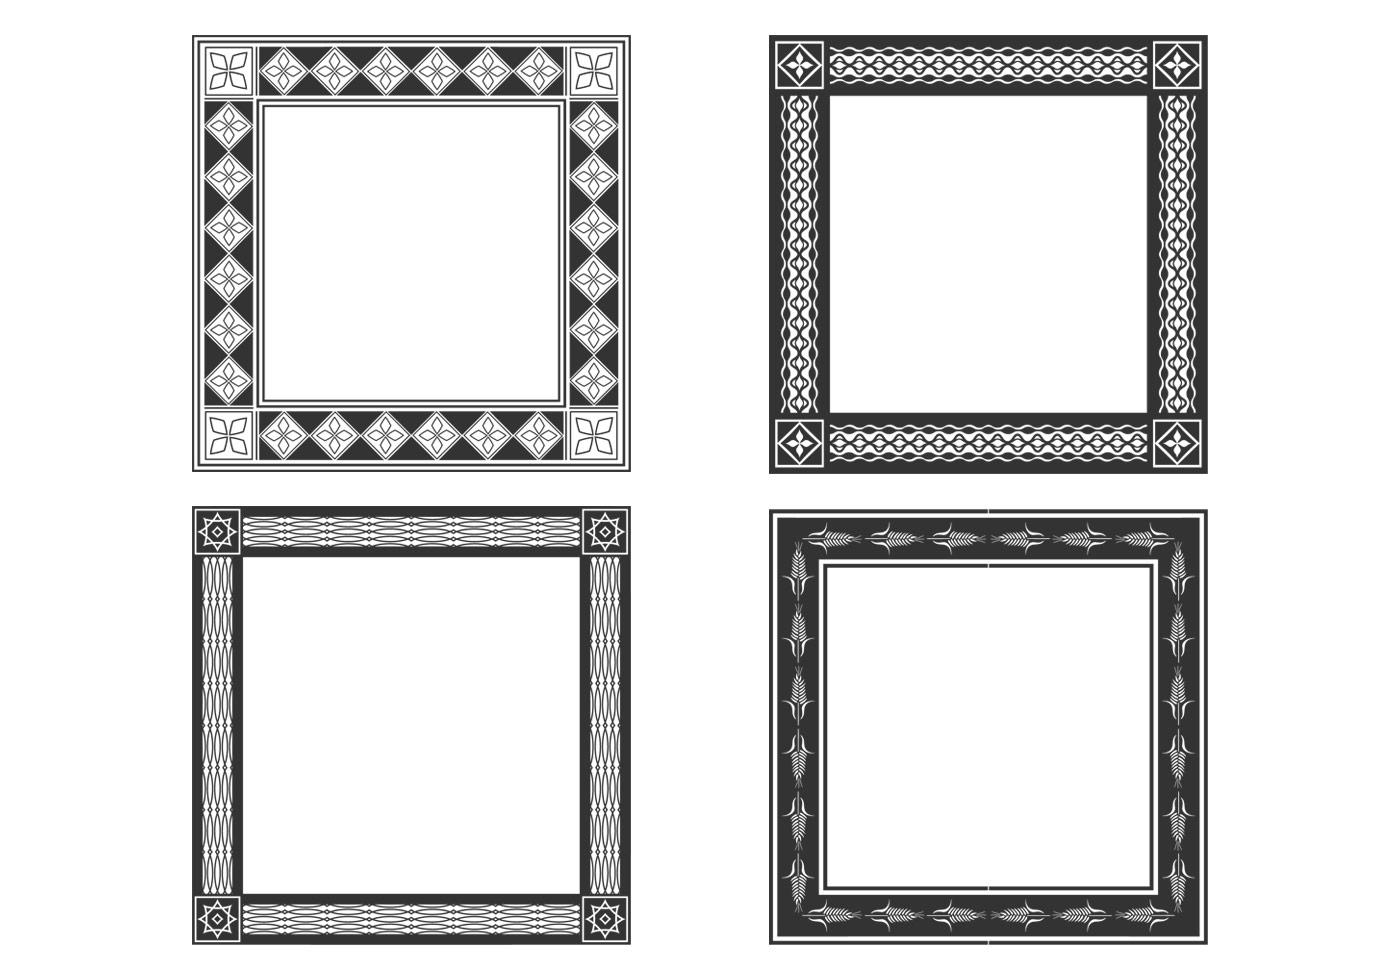 Decorative Bold Frames PSD Set - Free Photoshop Brushes at Brusheezy!